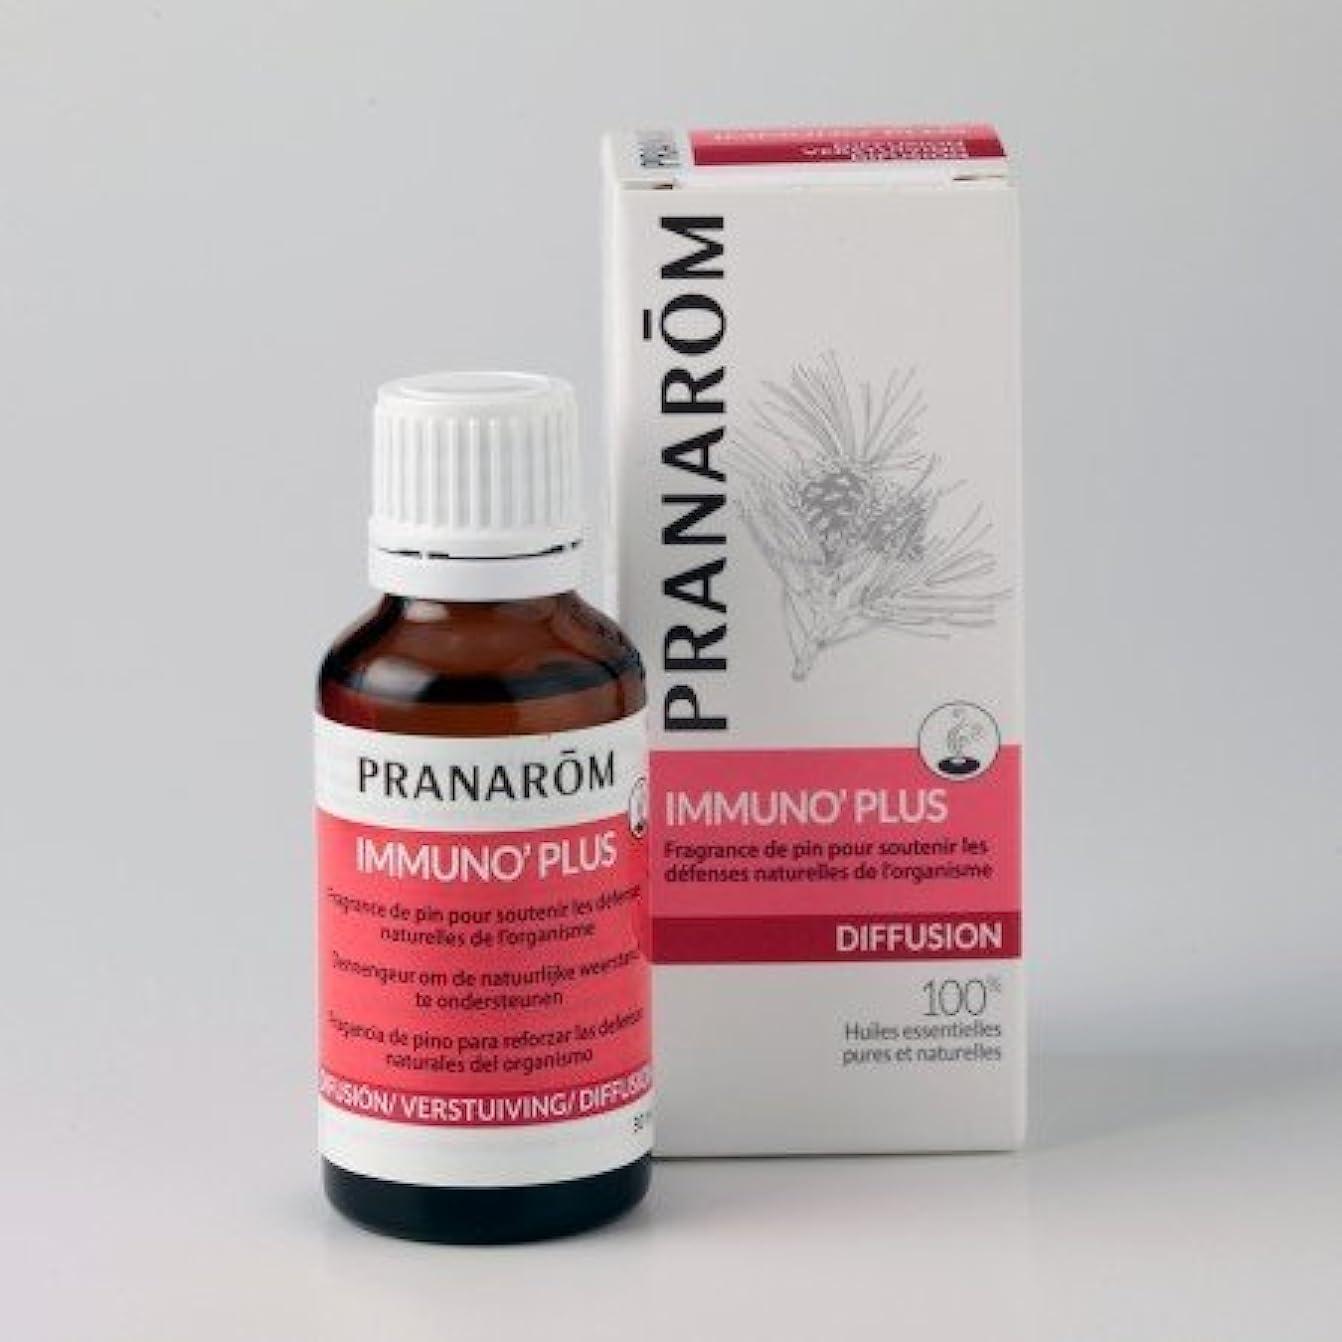 プリーツ落ち着く共和党プラナロム (PRANAROM) ルームコロン パワーアップ&チアアップ イミュノプラス 30ml 02589 エアフレッシュナー (芳香剤)